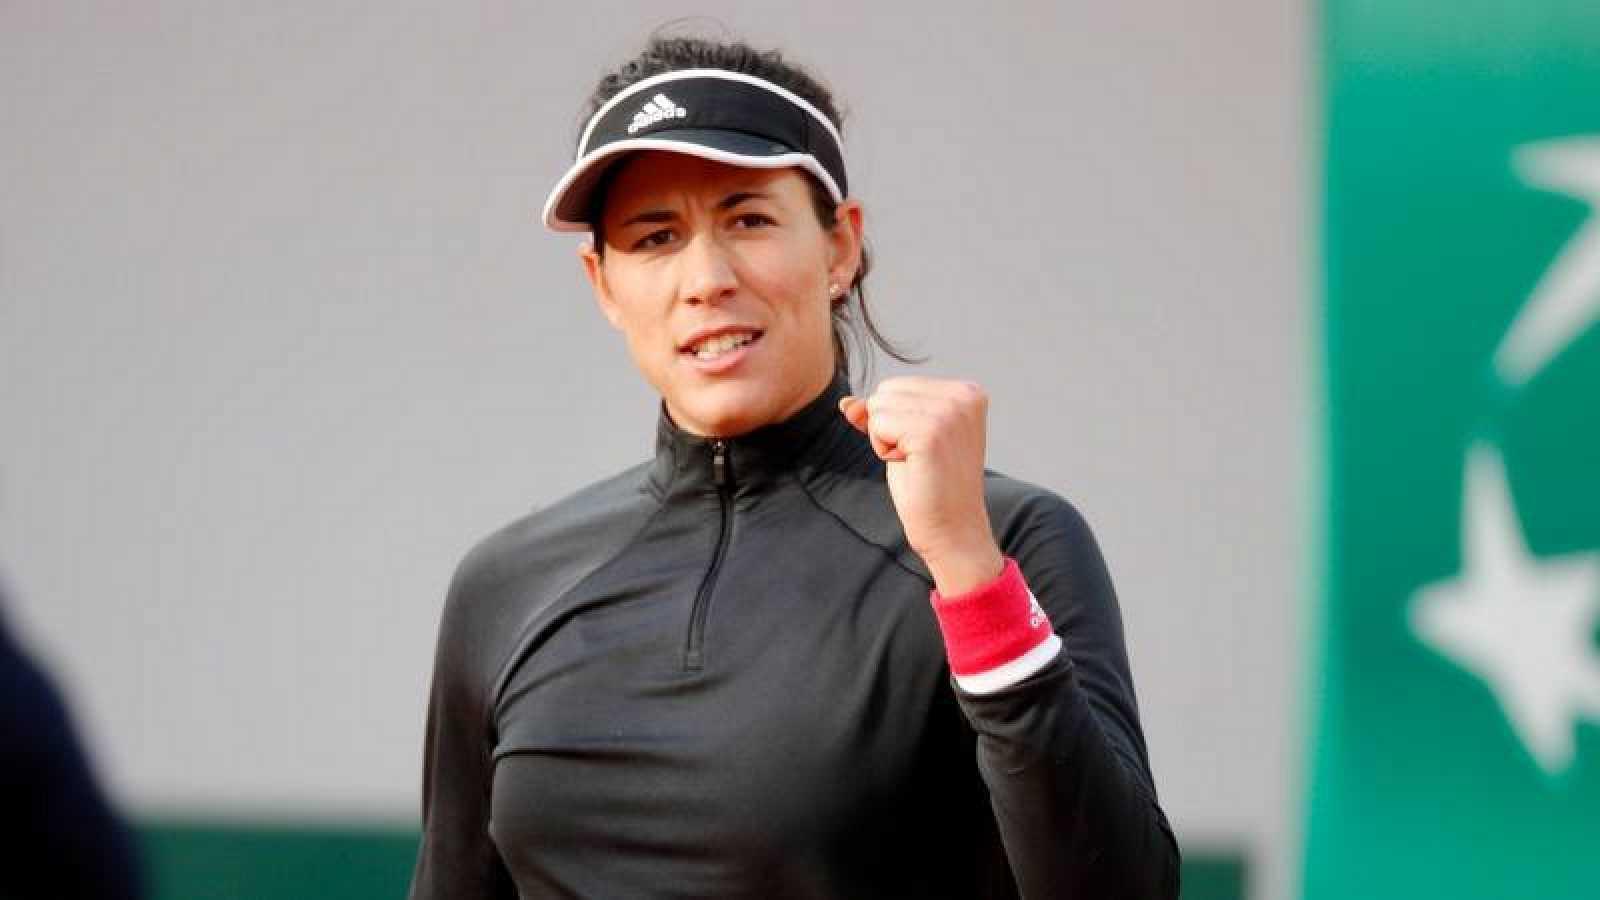 La tenista española Garbiñe Muguruza celebra un tanto ante Krystina Pliskova en Roland Garros 2020.